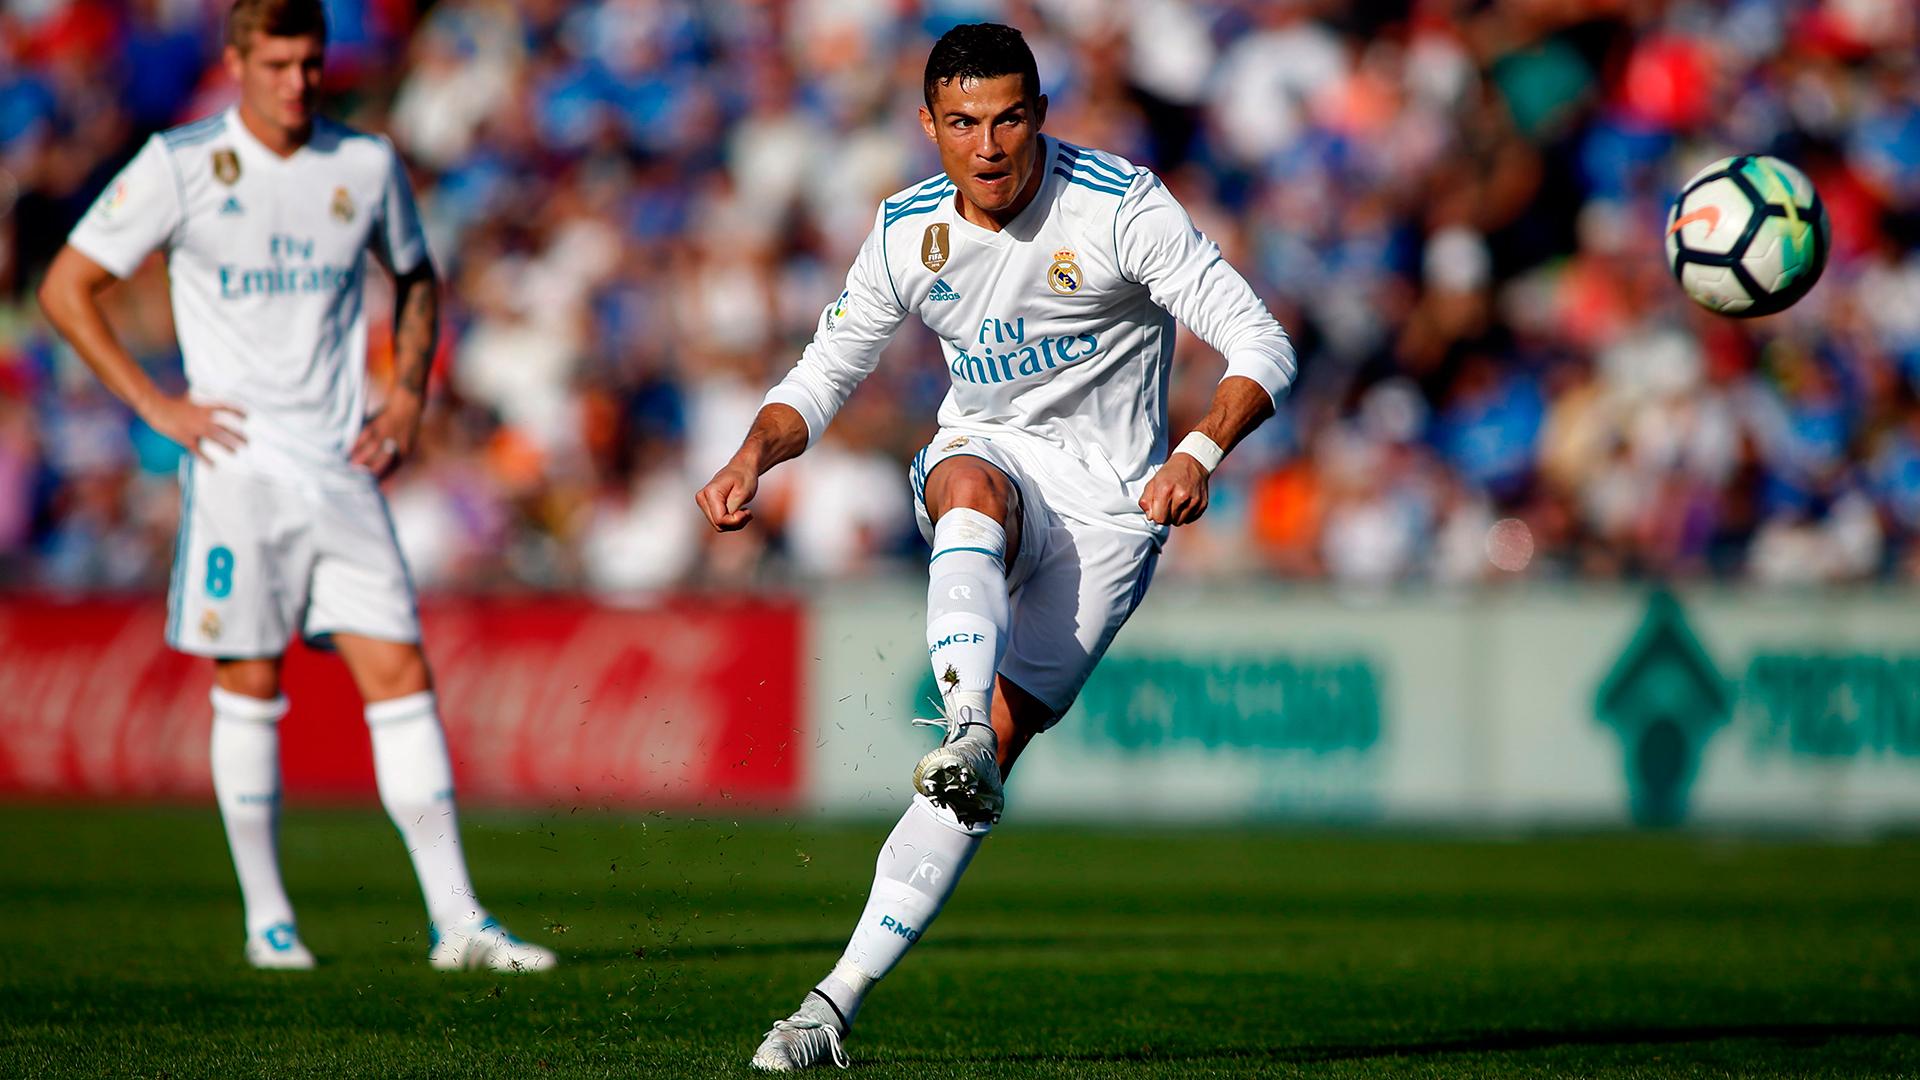 10 kỷ lục có thể bị phá vỡ bởi Ronaldo sau khi anh chuyển đến Juve - Bóng Đá